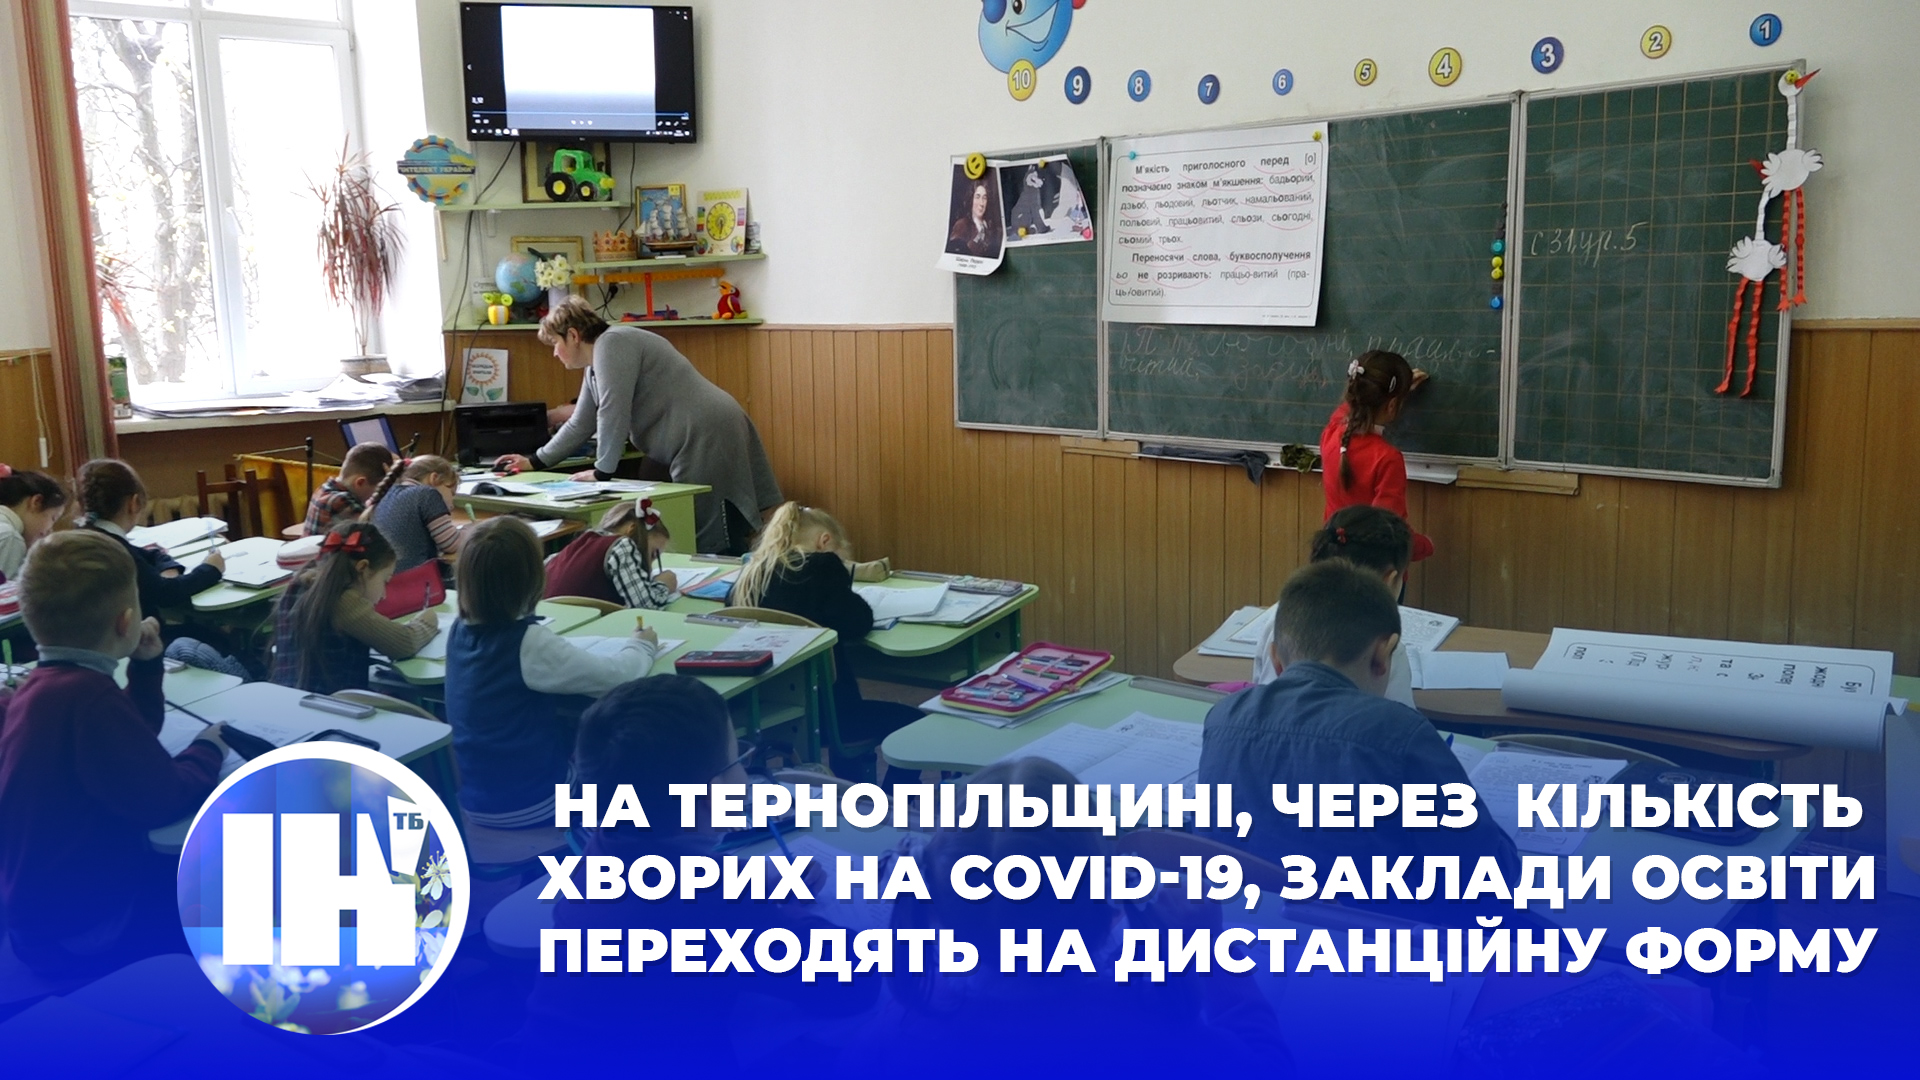 На Тернопільщині, через  кількість  хворих на COVID-19, заклади освіти переходять на дистанційну форму навчання